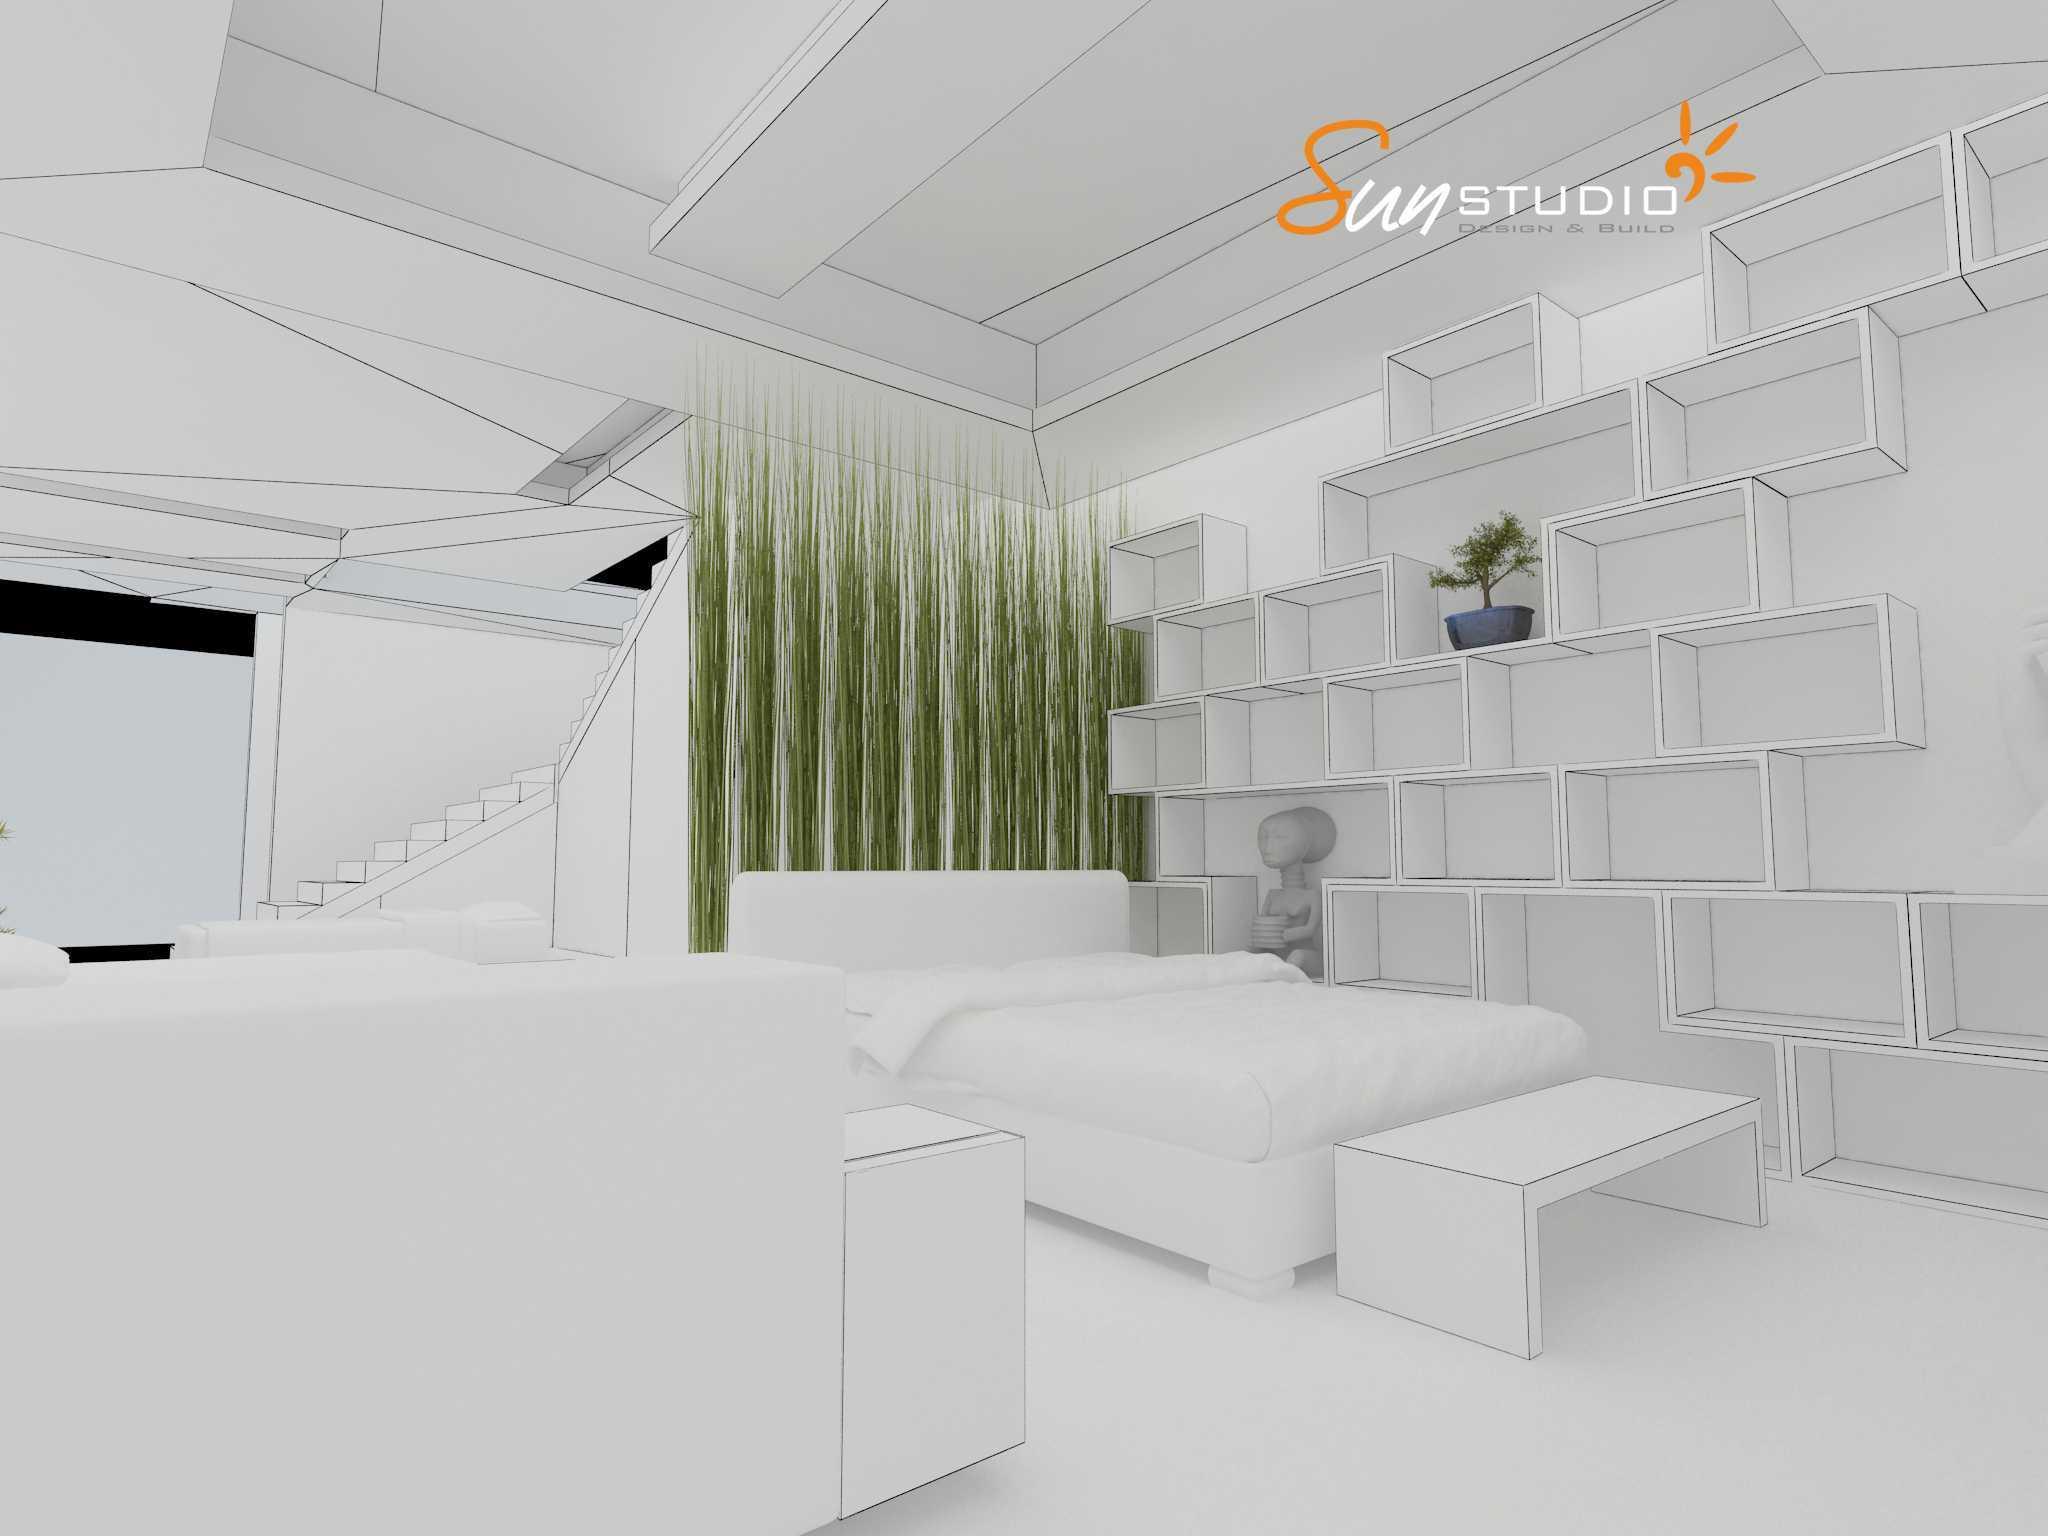 Sunstudio Bali Sin-Sin Furniture  Bali, Indonesia Bali, Indonesia Sunstudio-Bali-Sin-Sin-Furniture-   56145